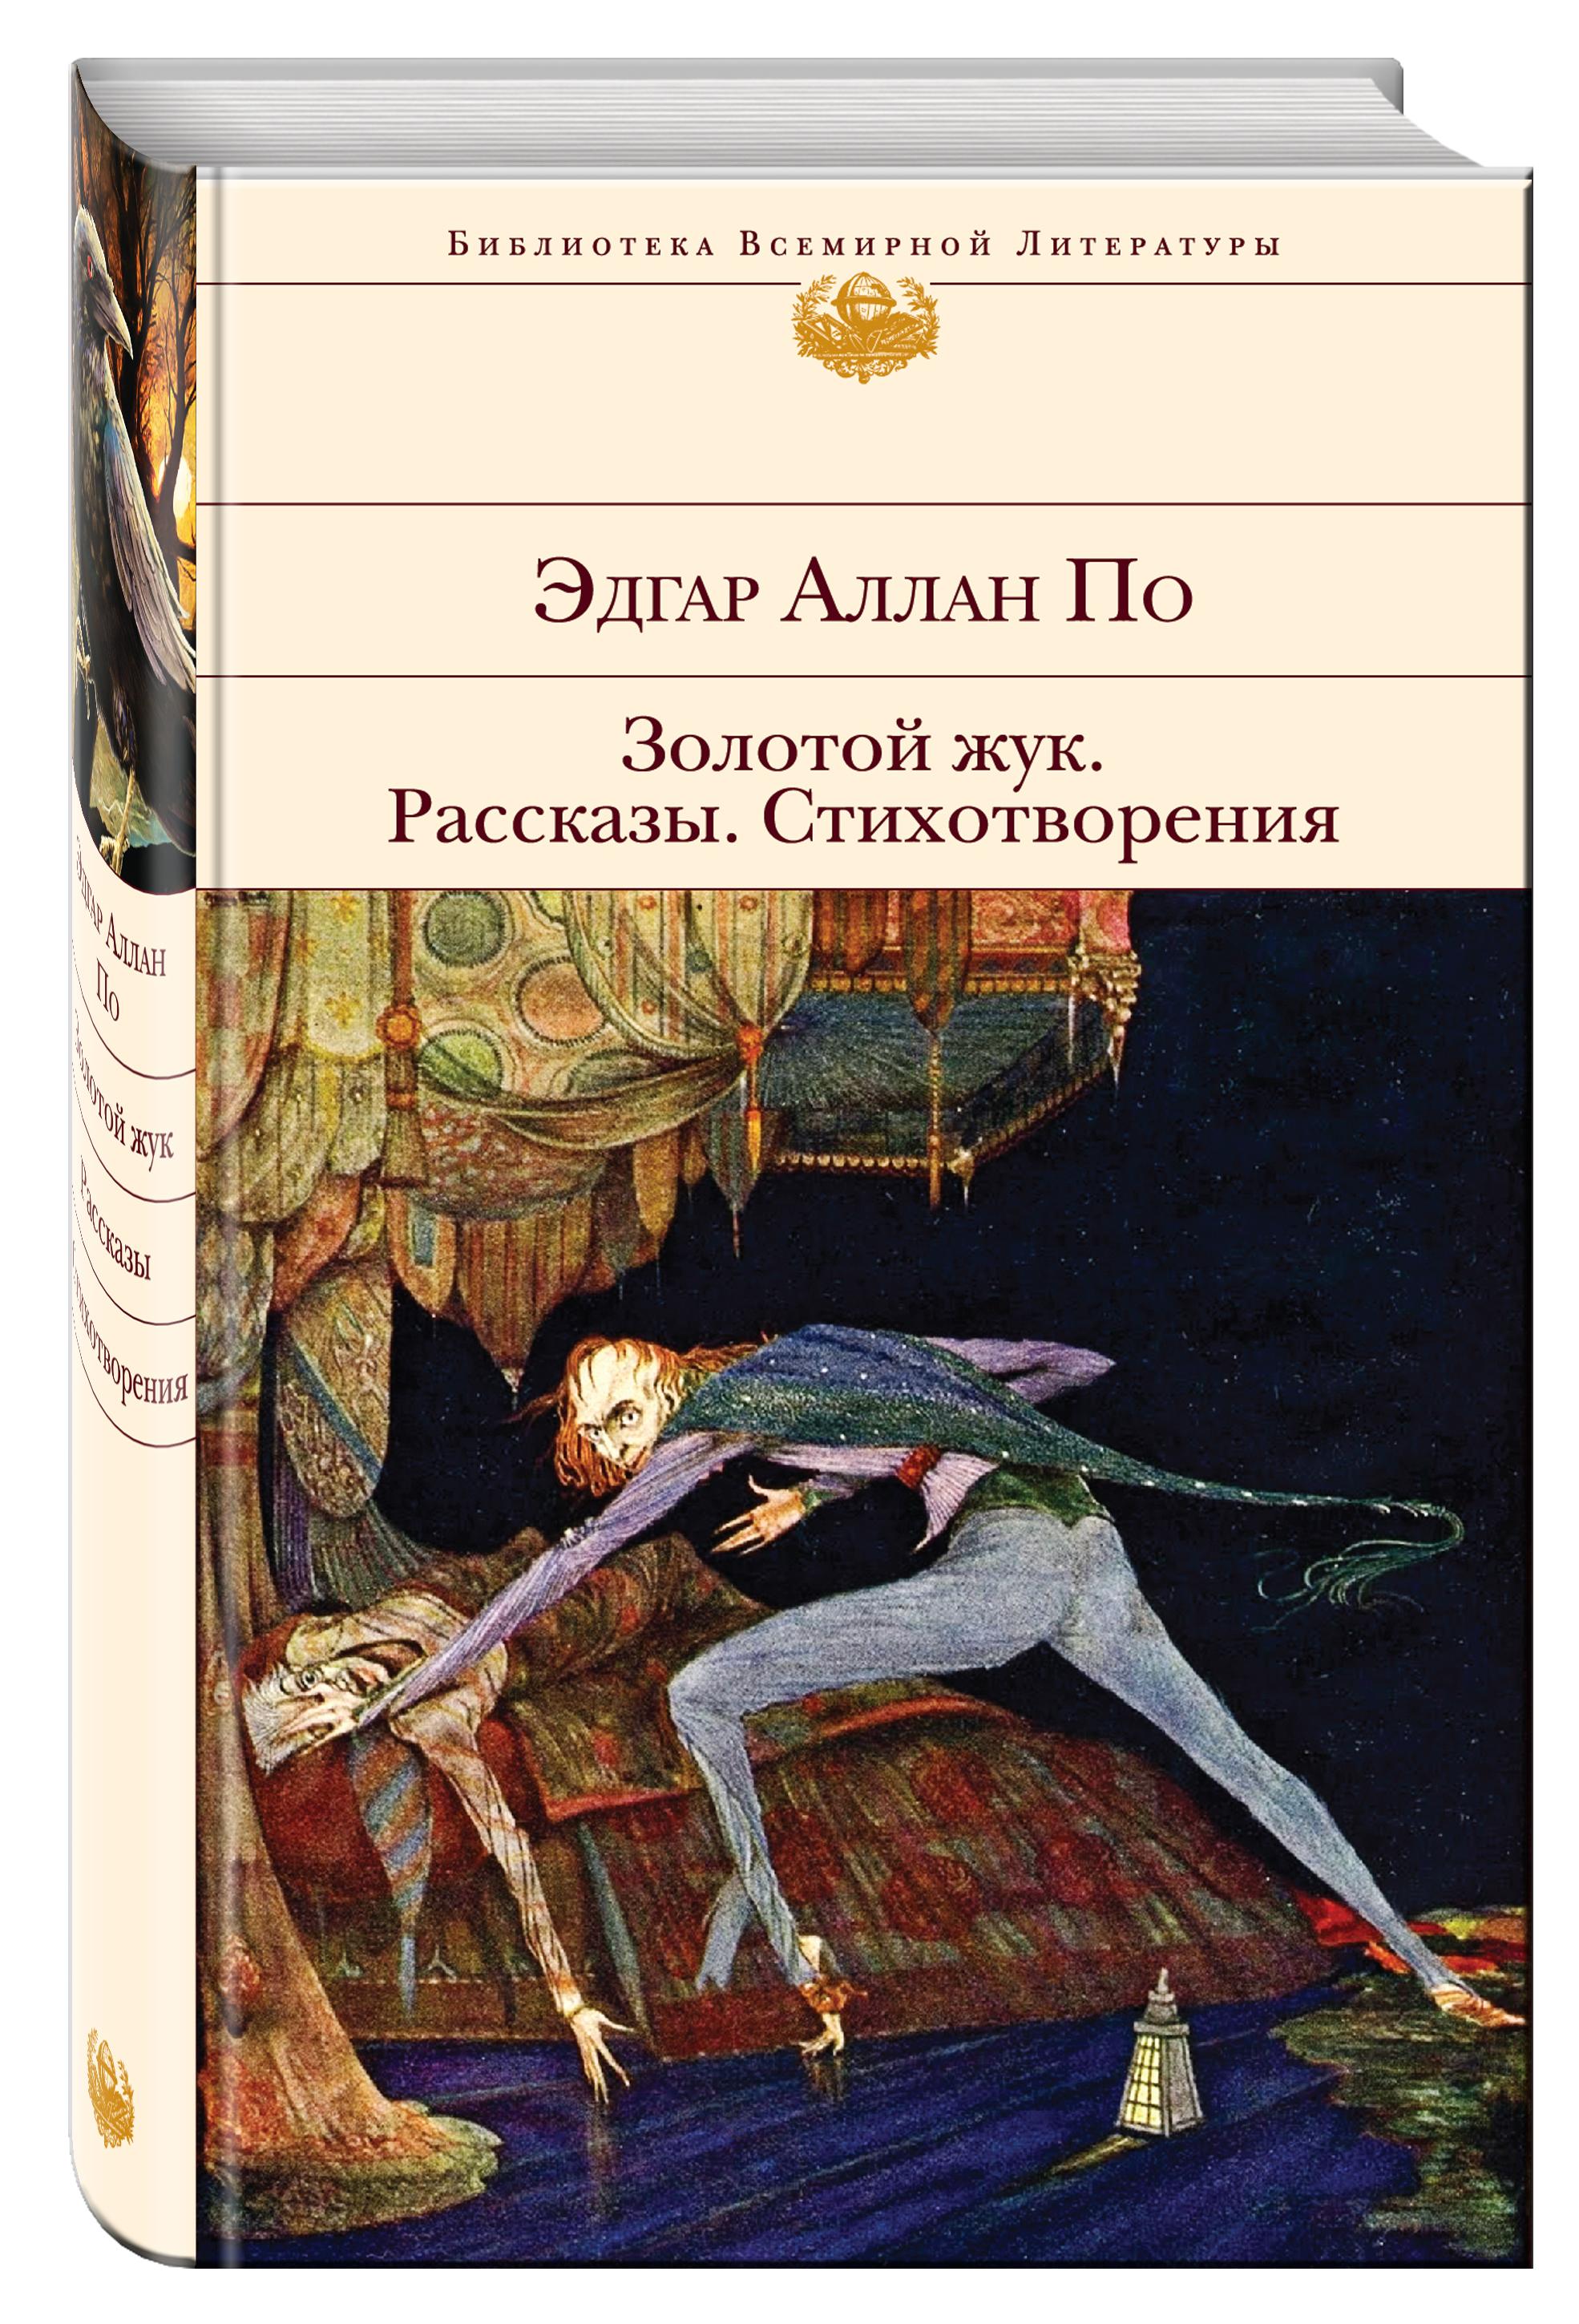 По Э.А. Золотой жук. Рассказы. Стихотворения ISBN: 978-5-699-79939-8